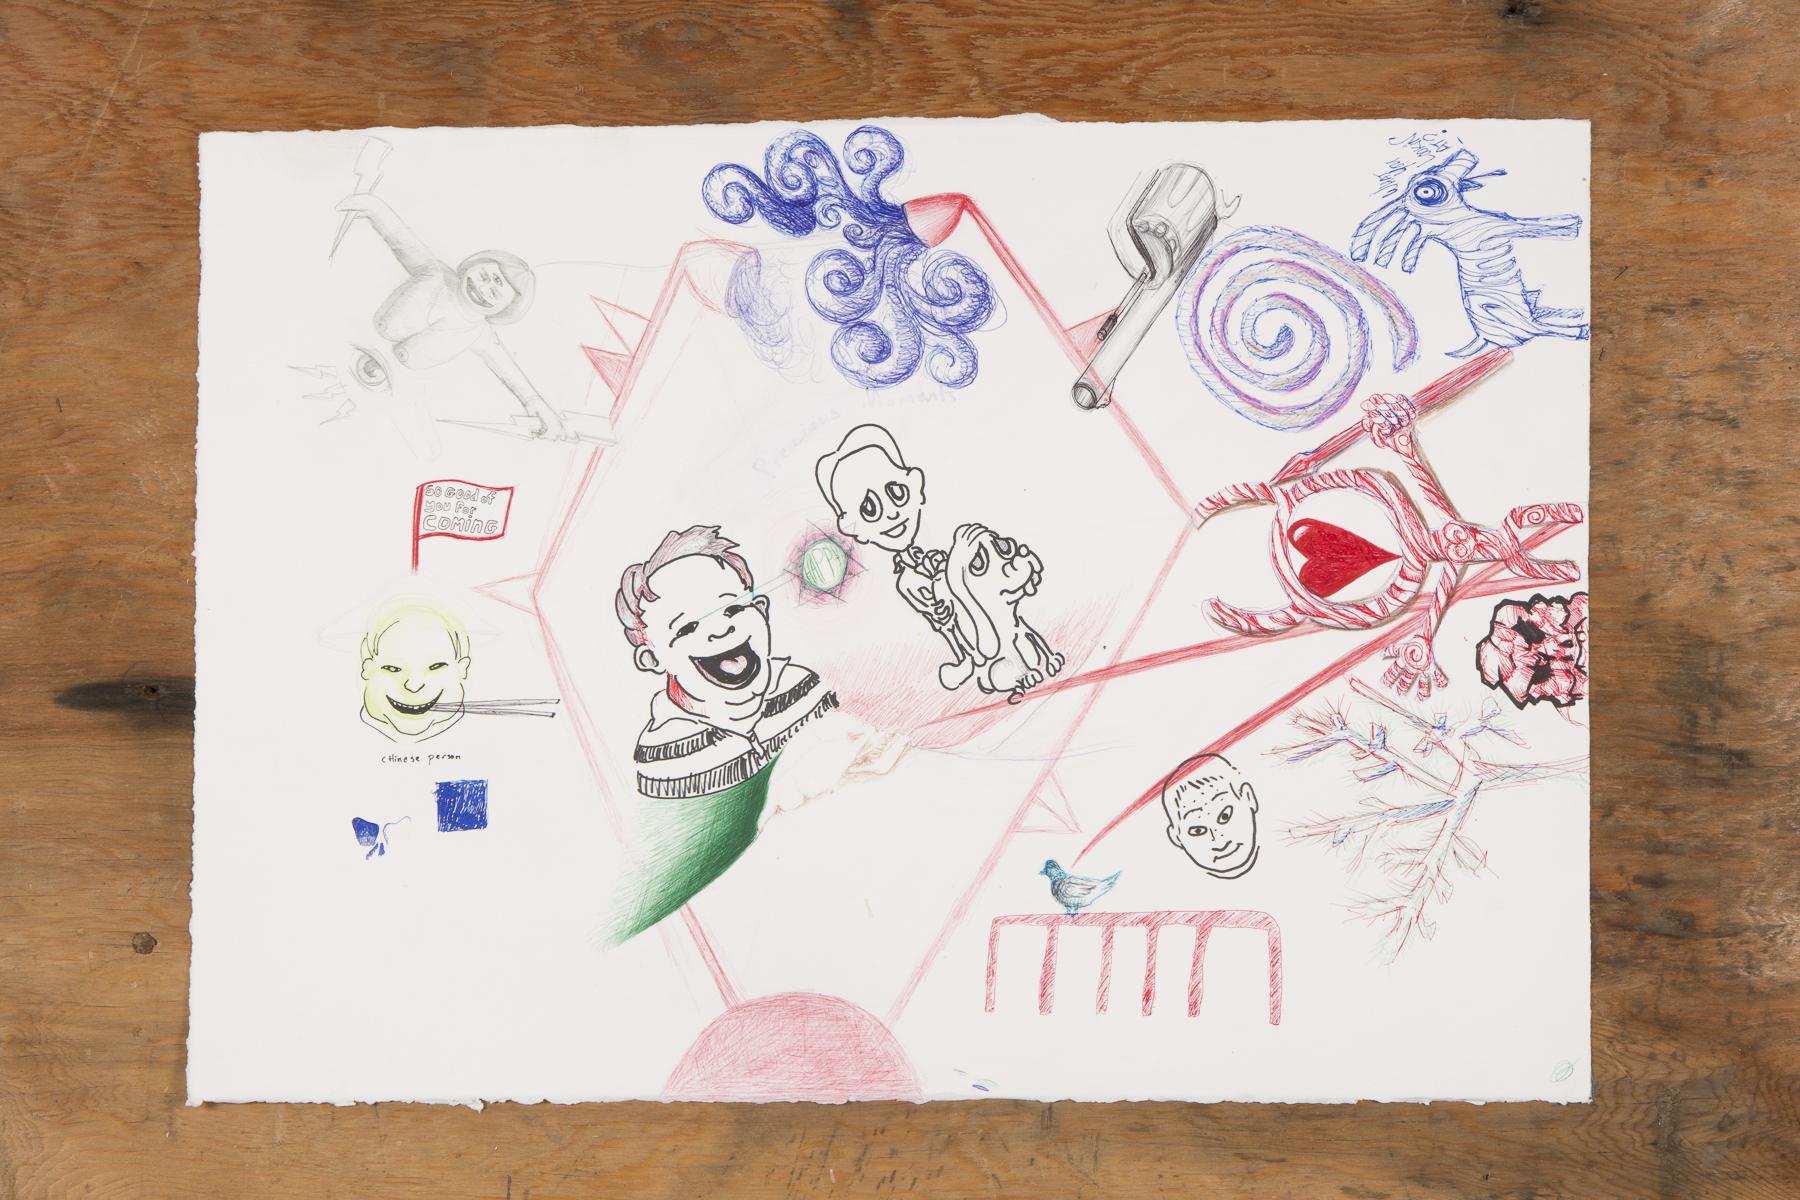 Paintallica_Drawings_030.jpg